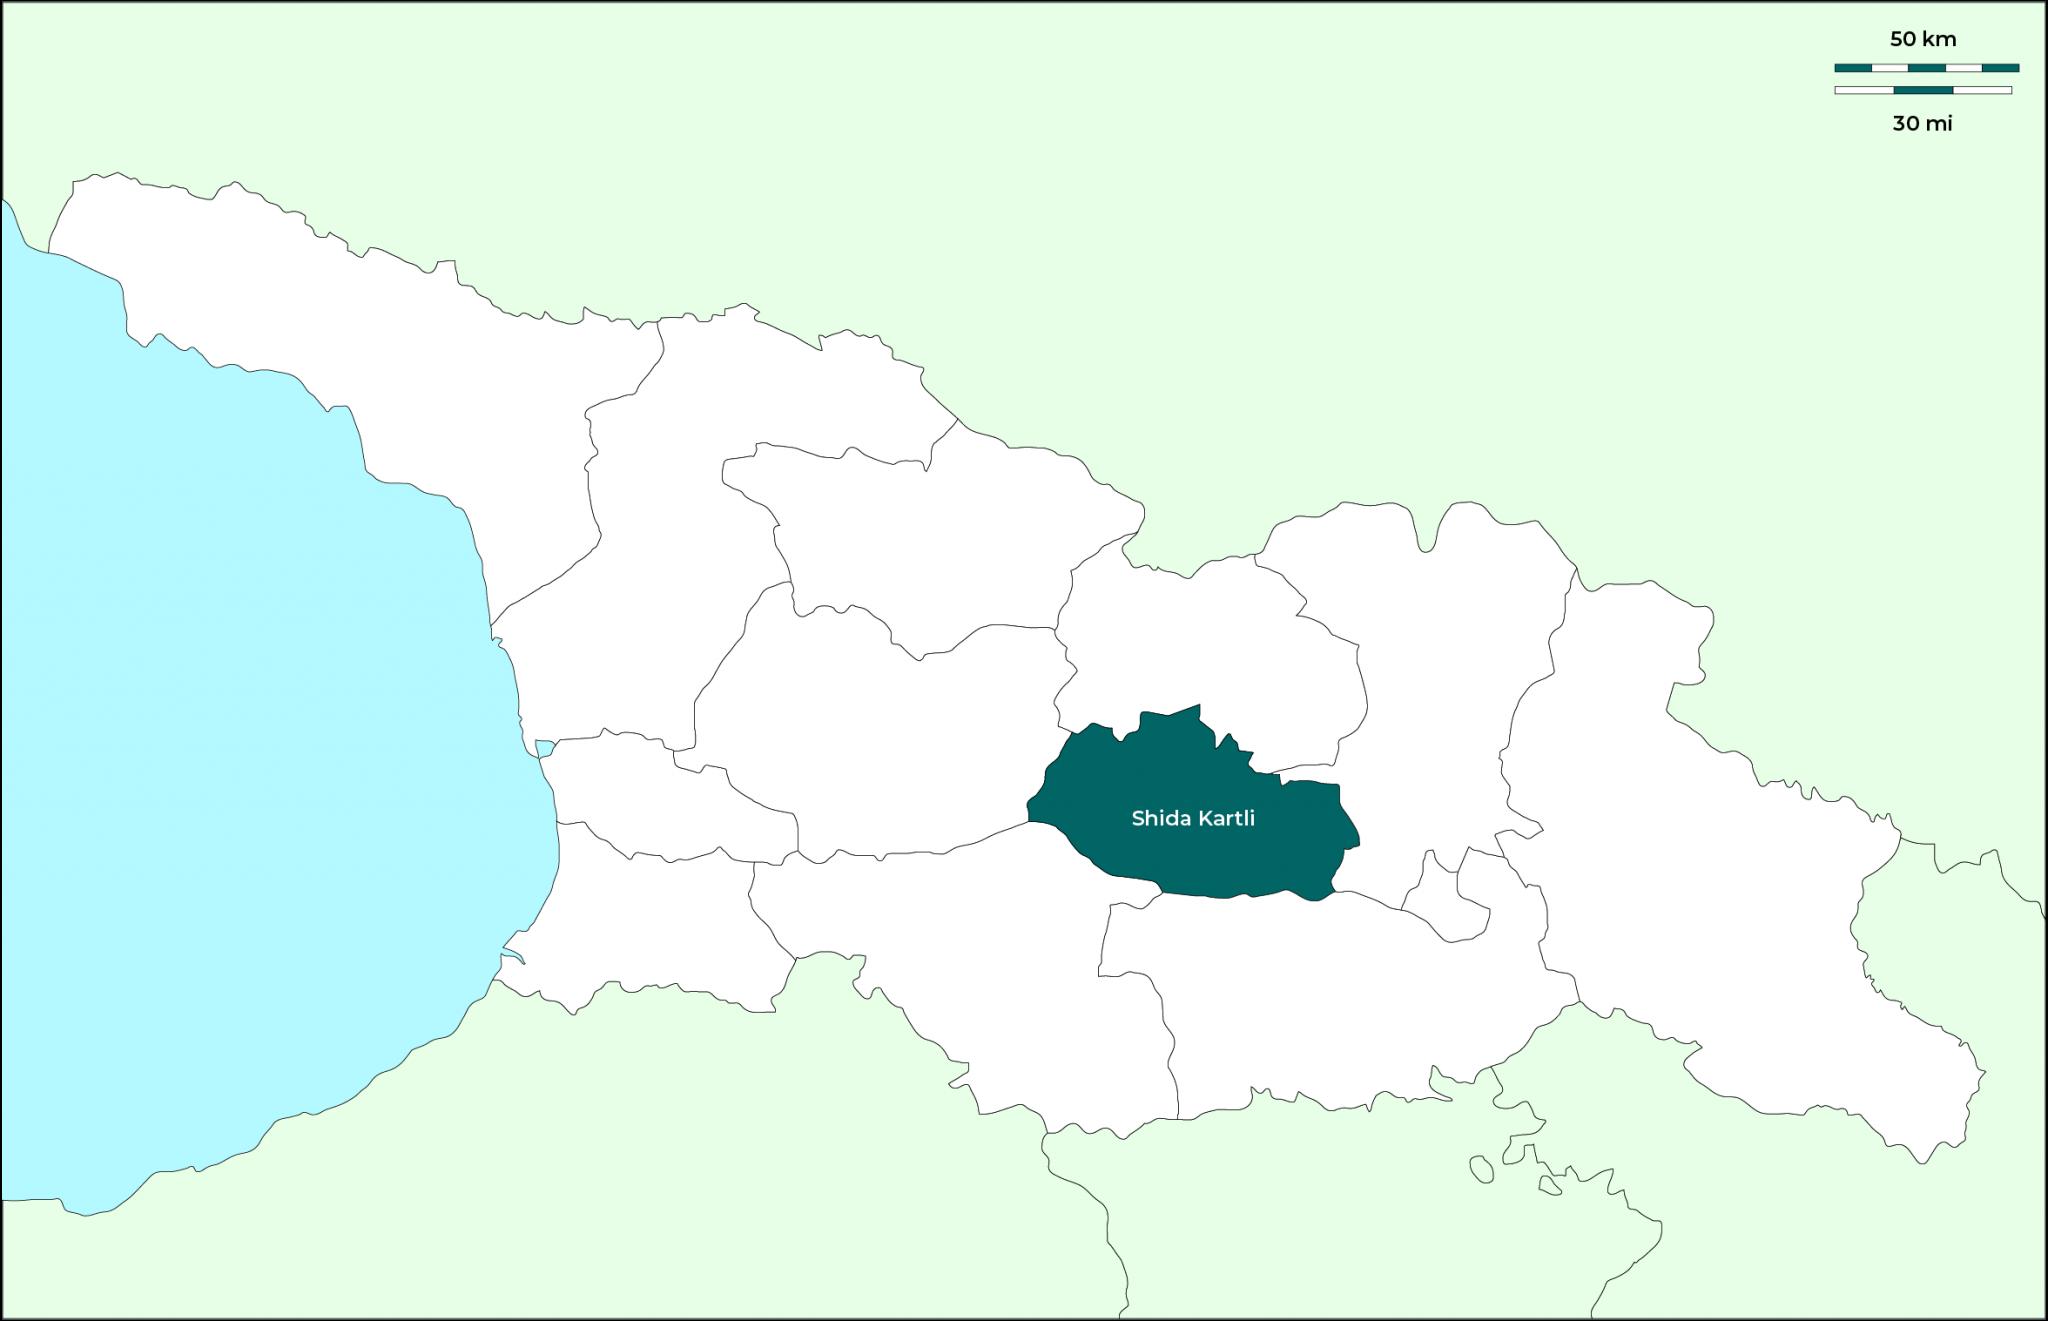 Región de Shida Kartli: Mapa